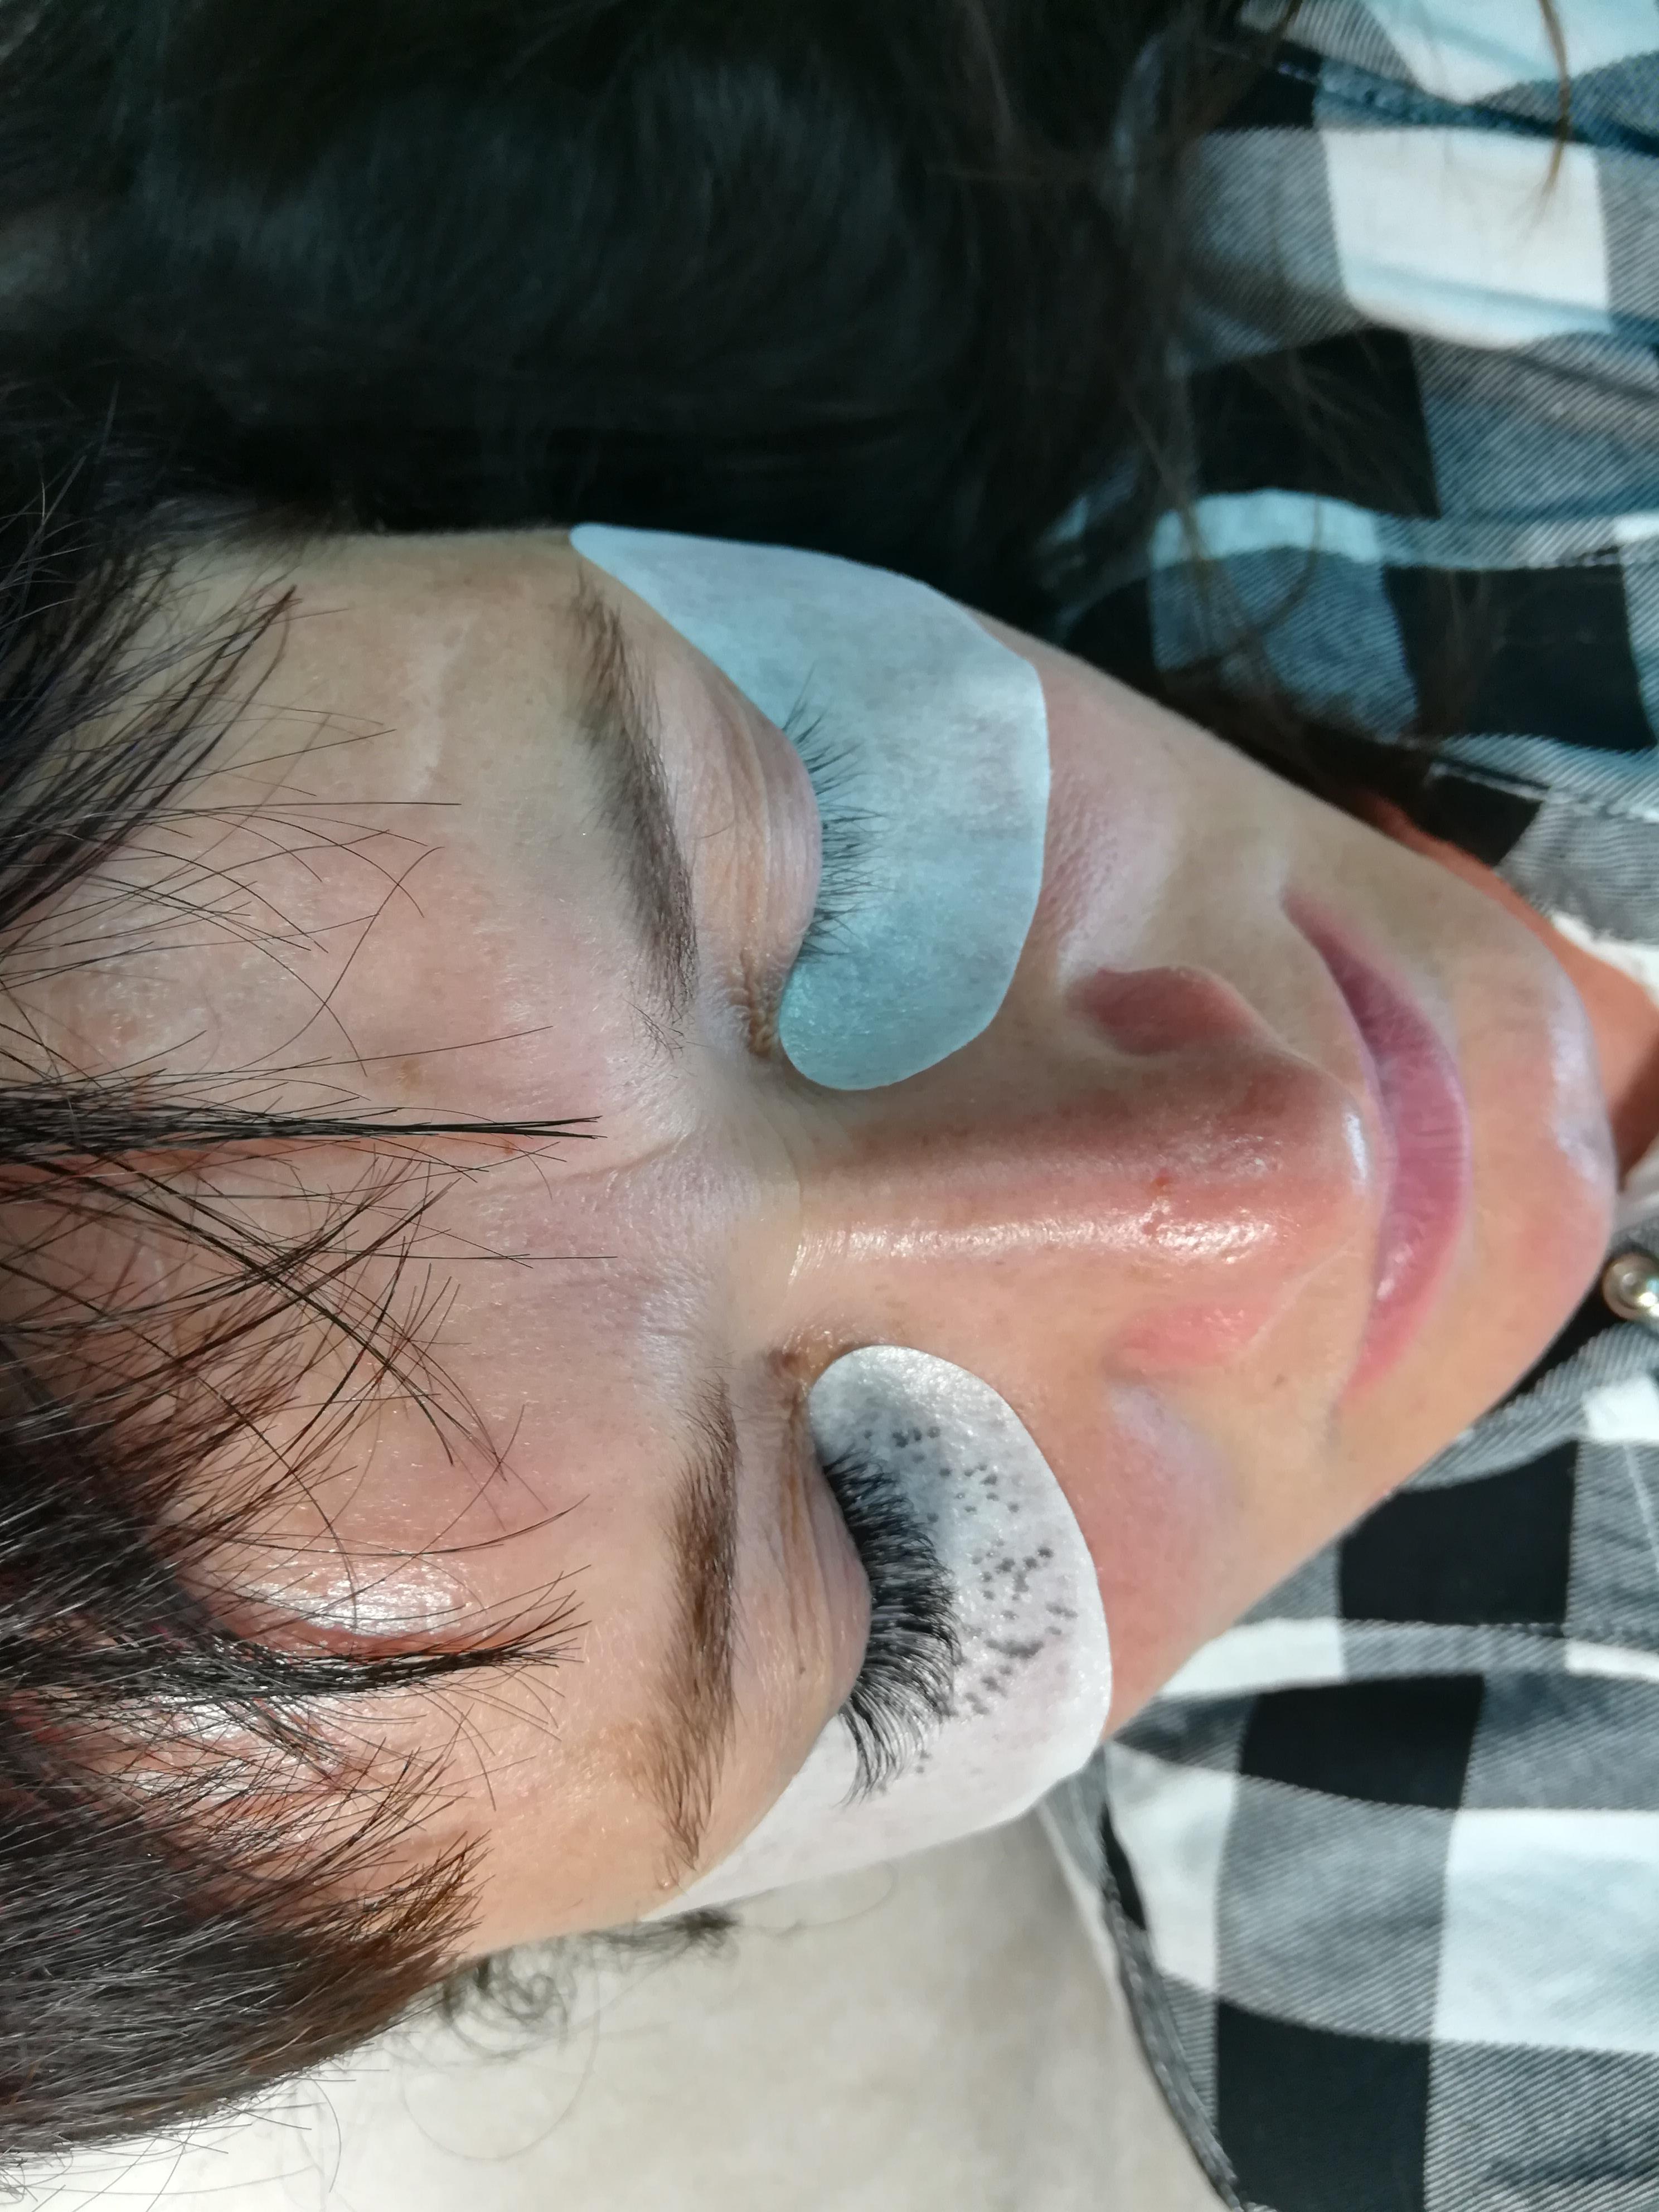 Процесс наращивания ресниц 2D